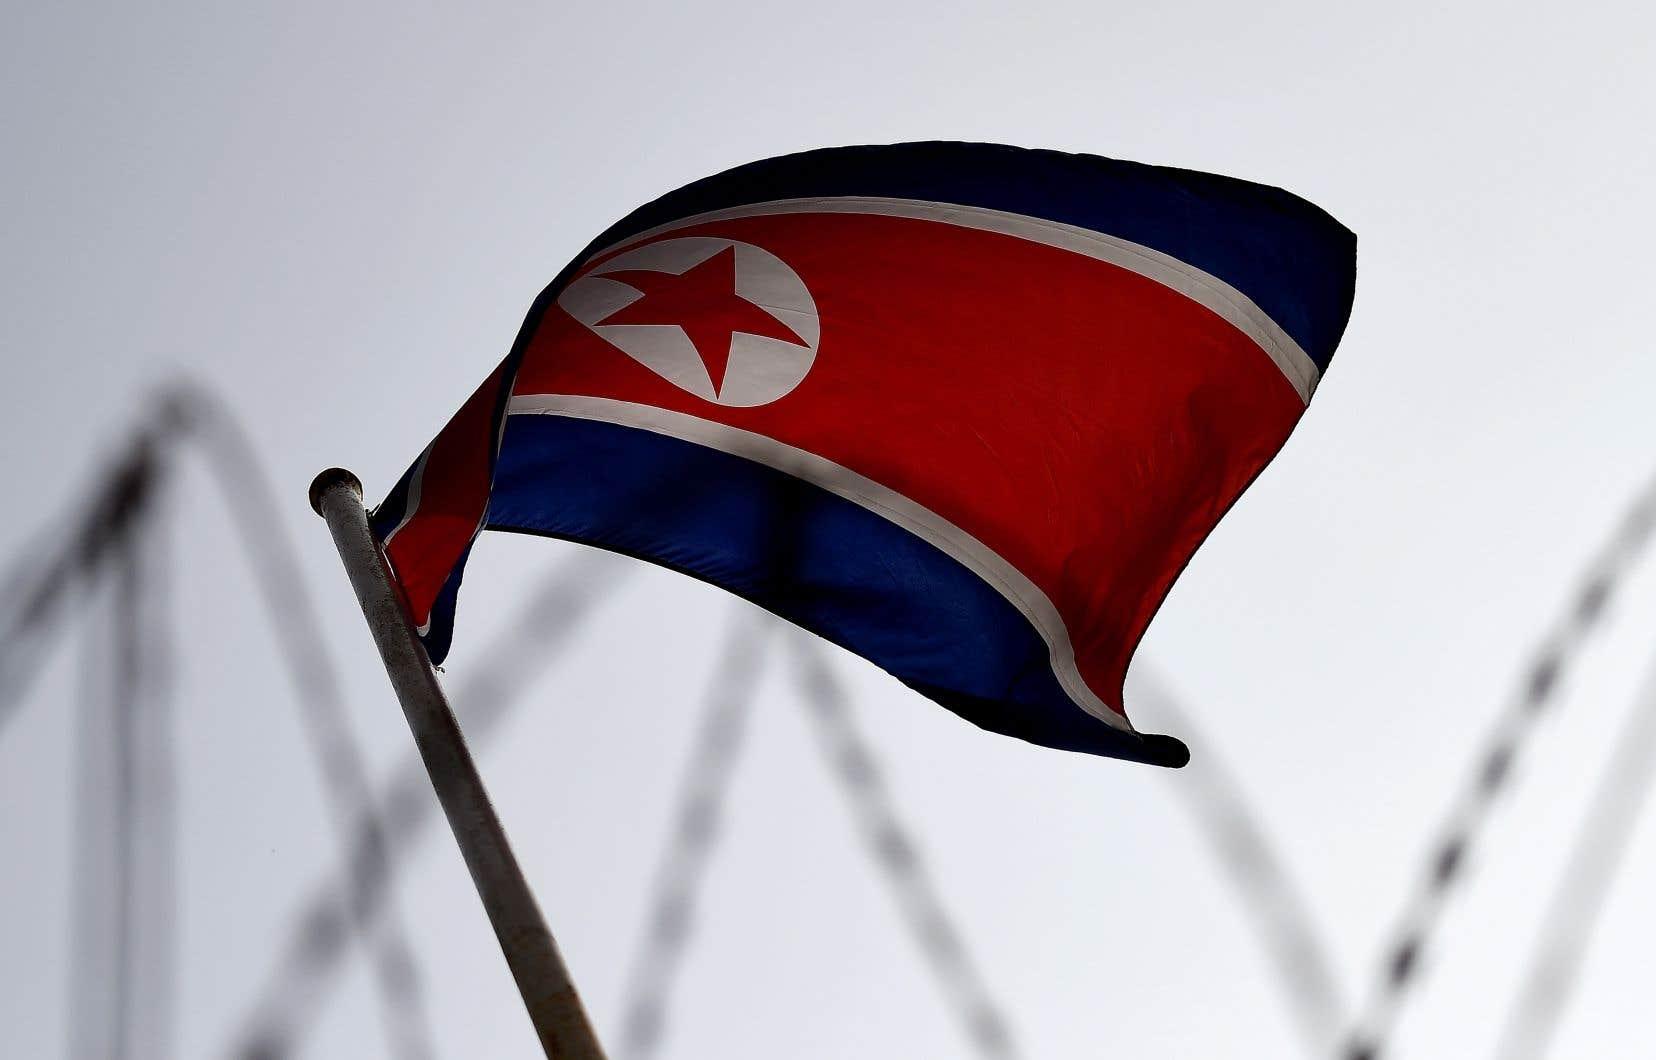 <p>En 2017, le Conseil de sécurité a imposé trois séries de sanctions économiques à la Corée du Nord qui touchent notamment ses exportations de charbon, de fer, sa pêche et son textile.</p>